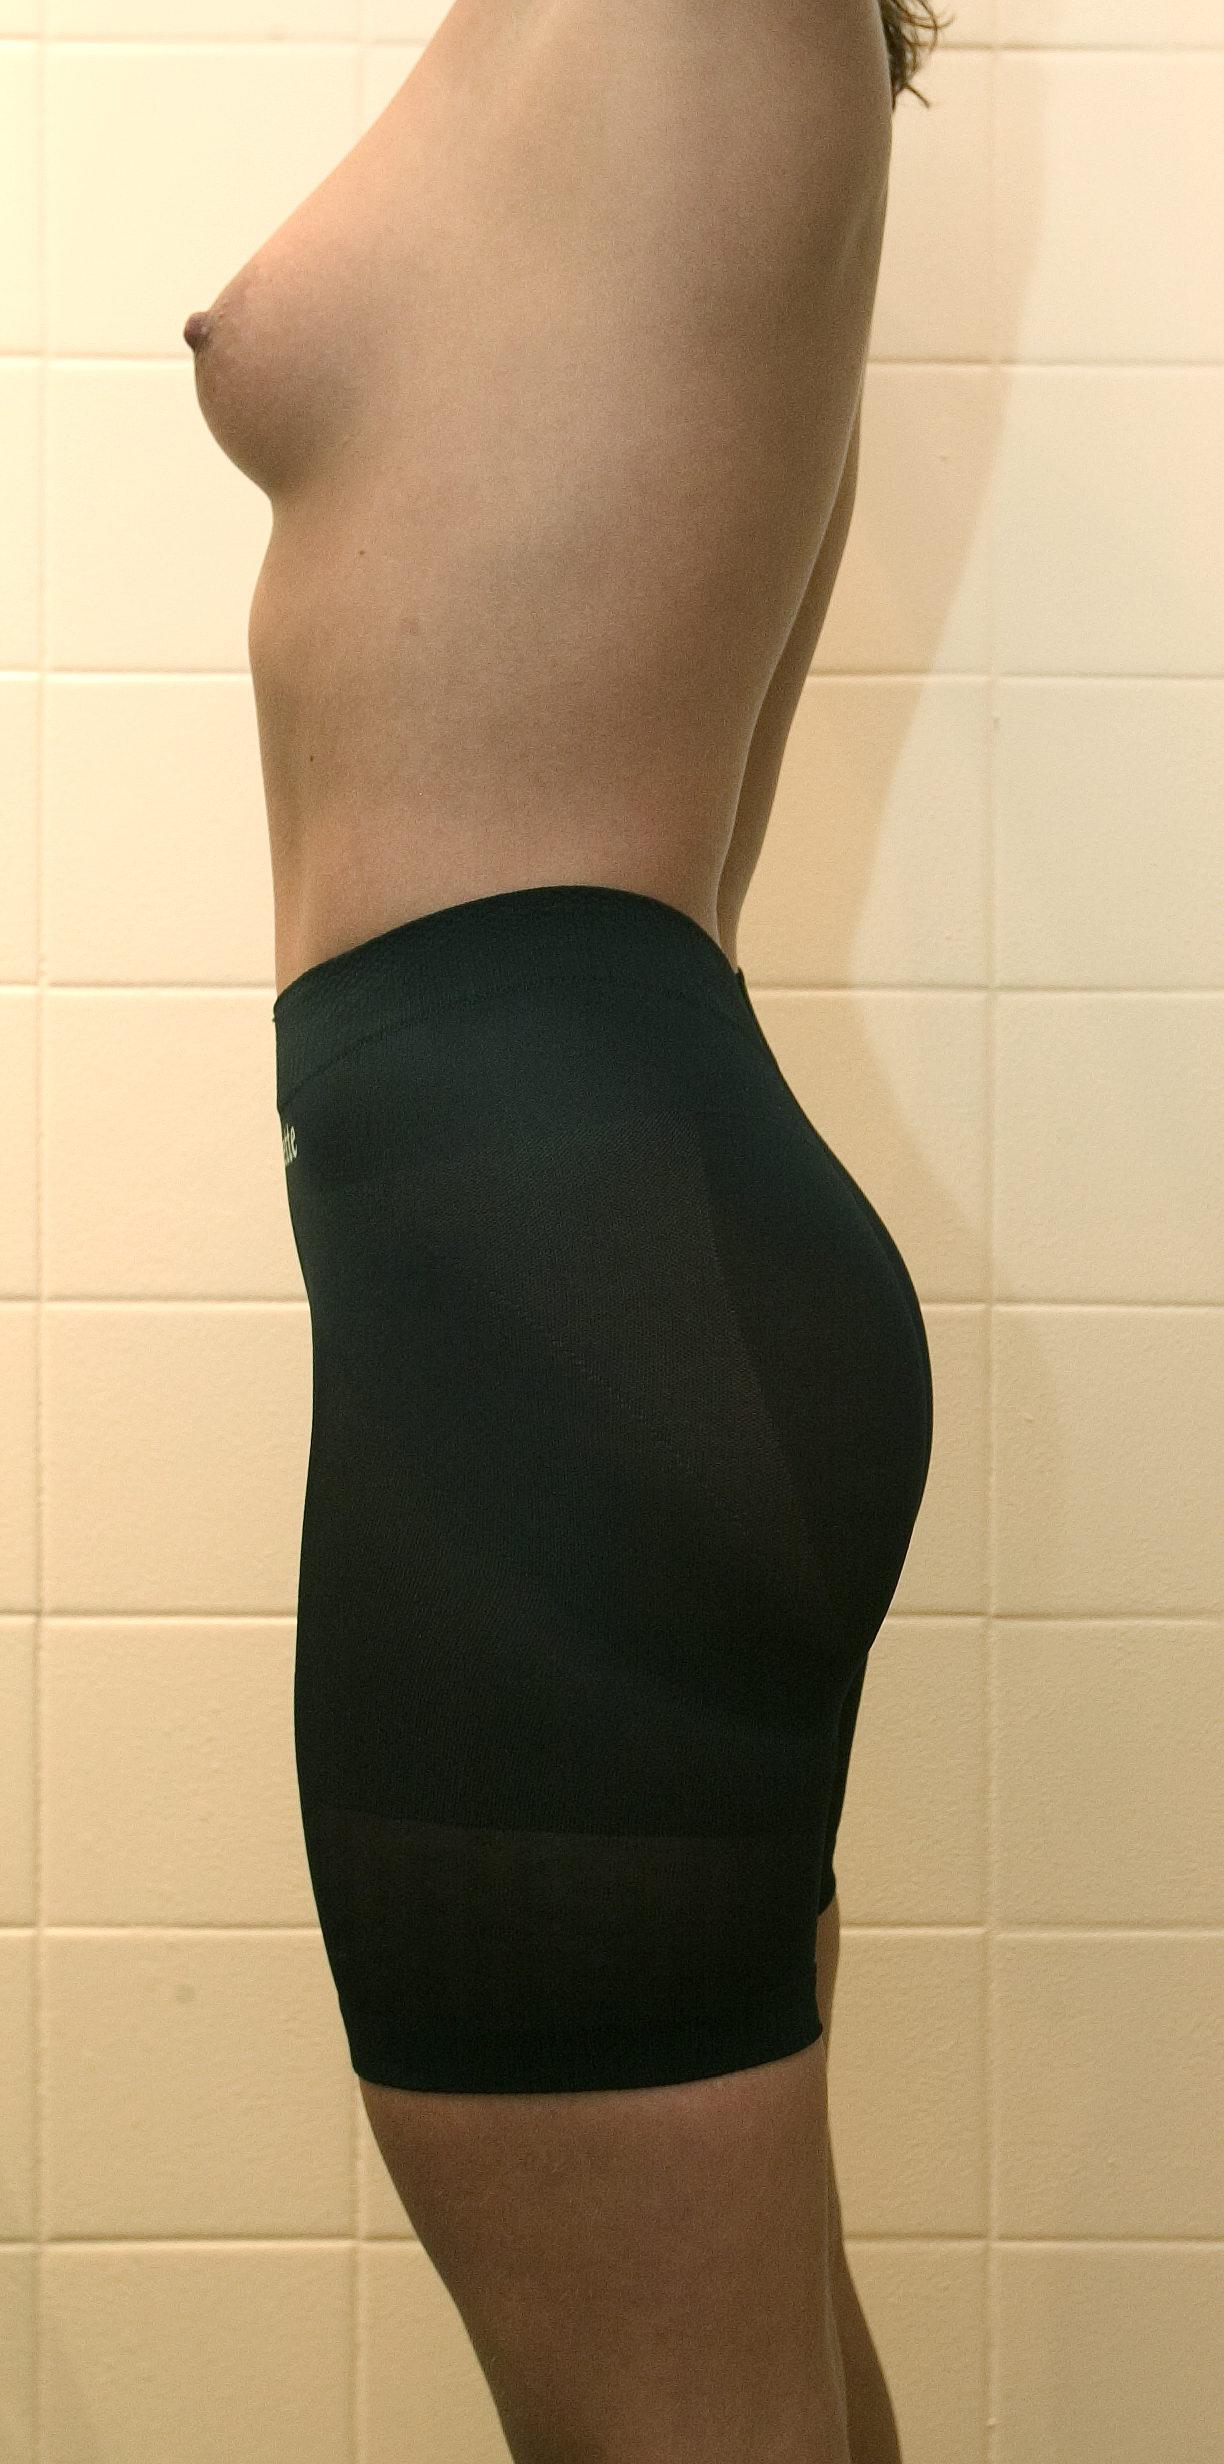 Snyd dig lækker: Klistermærker og andre sjove sager gør underværker for din sexappeal Modellerne har 'snydt' længe -de bliver ganske simpelt tapet op. Om nødvendigt, forstås. Men nu er der også hjælp at hente for os almindelige dødelige. Ved hjælp af lidt klister, silikone og elastik er det enkelt at snyde sig til at fylde kjolen lidt pænere ud. Vel at mærke uden at skulle skære andre steder end i banksaldoen.